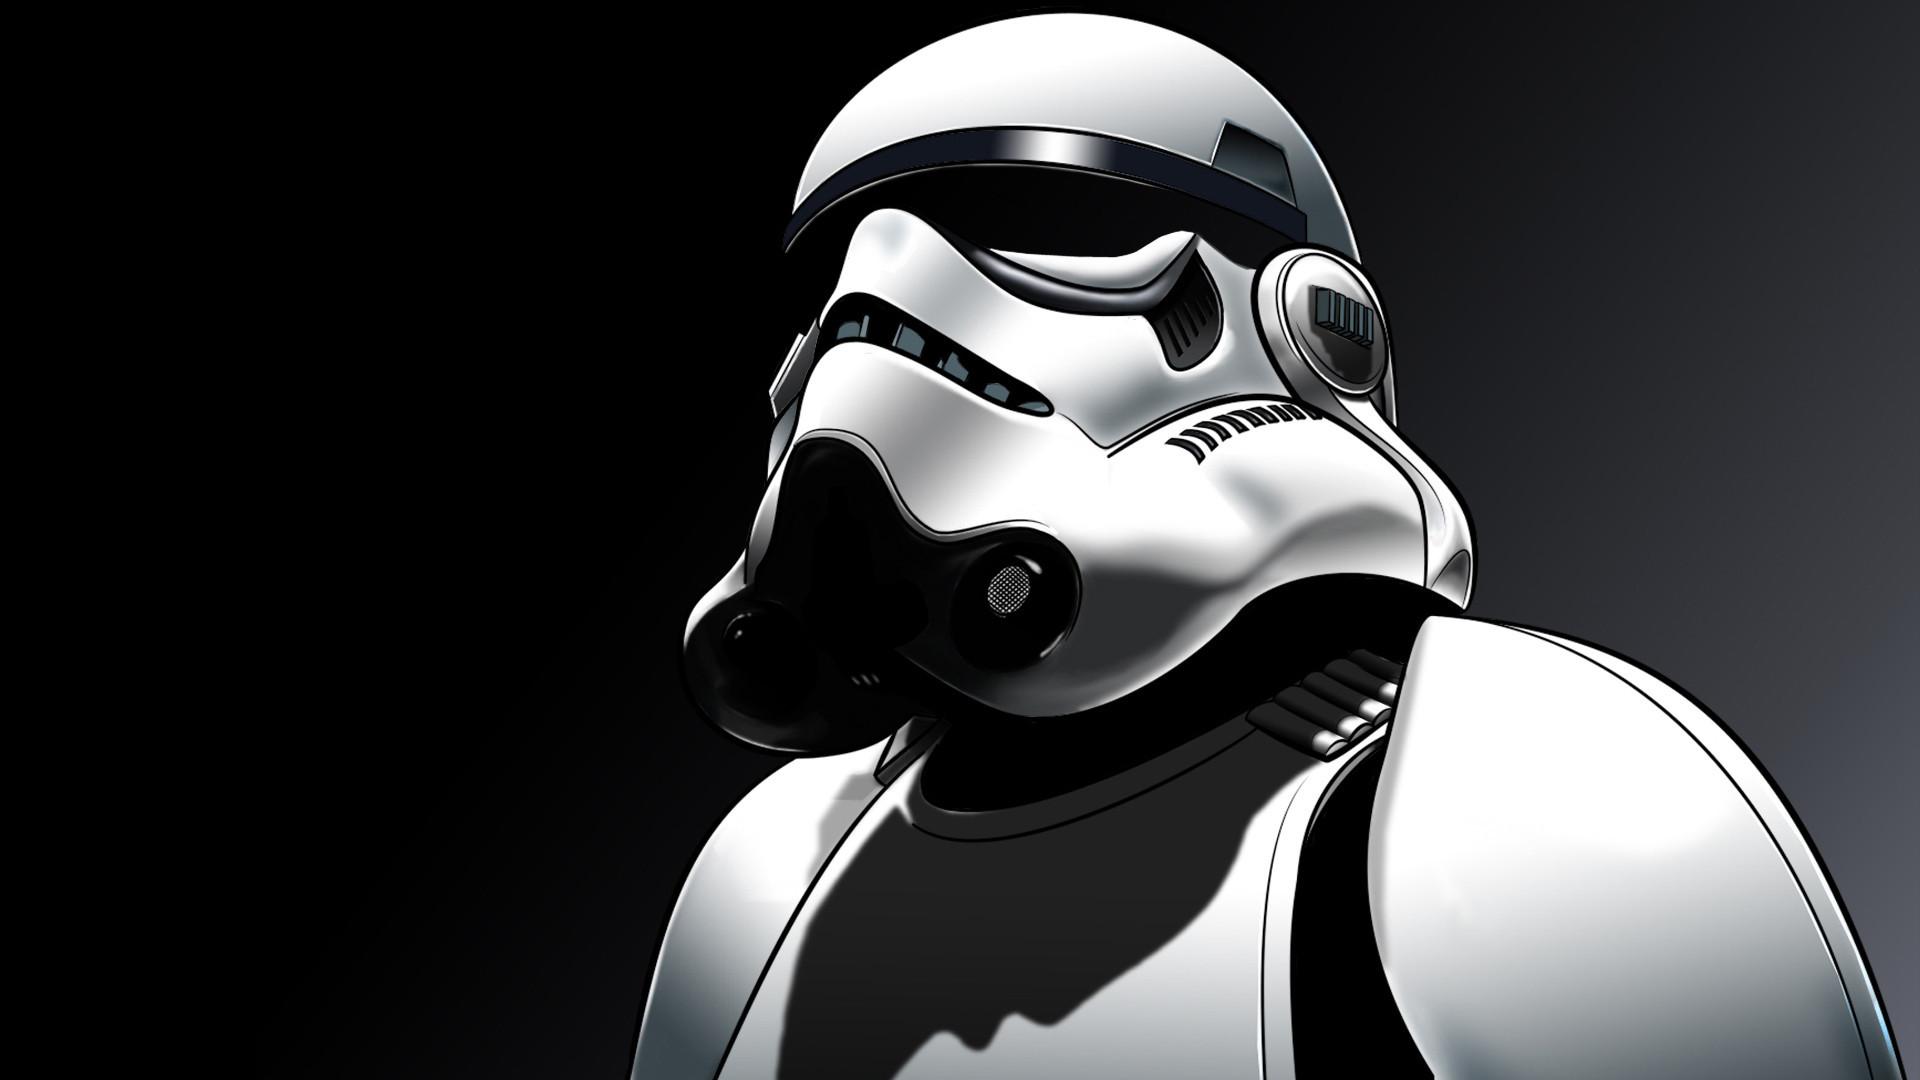 Star Wars HD High Resolution Live Wallpaper – DSC563 Screenshot